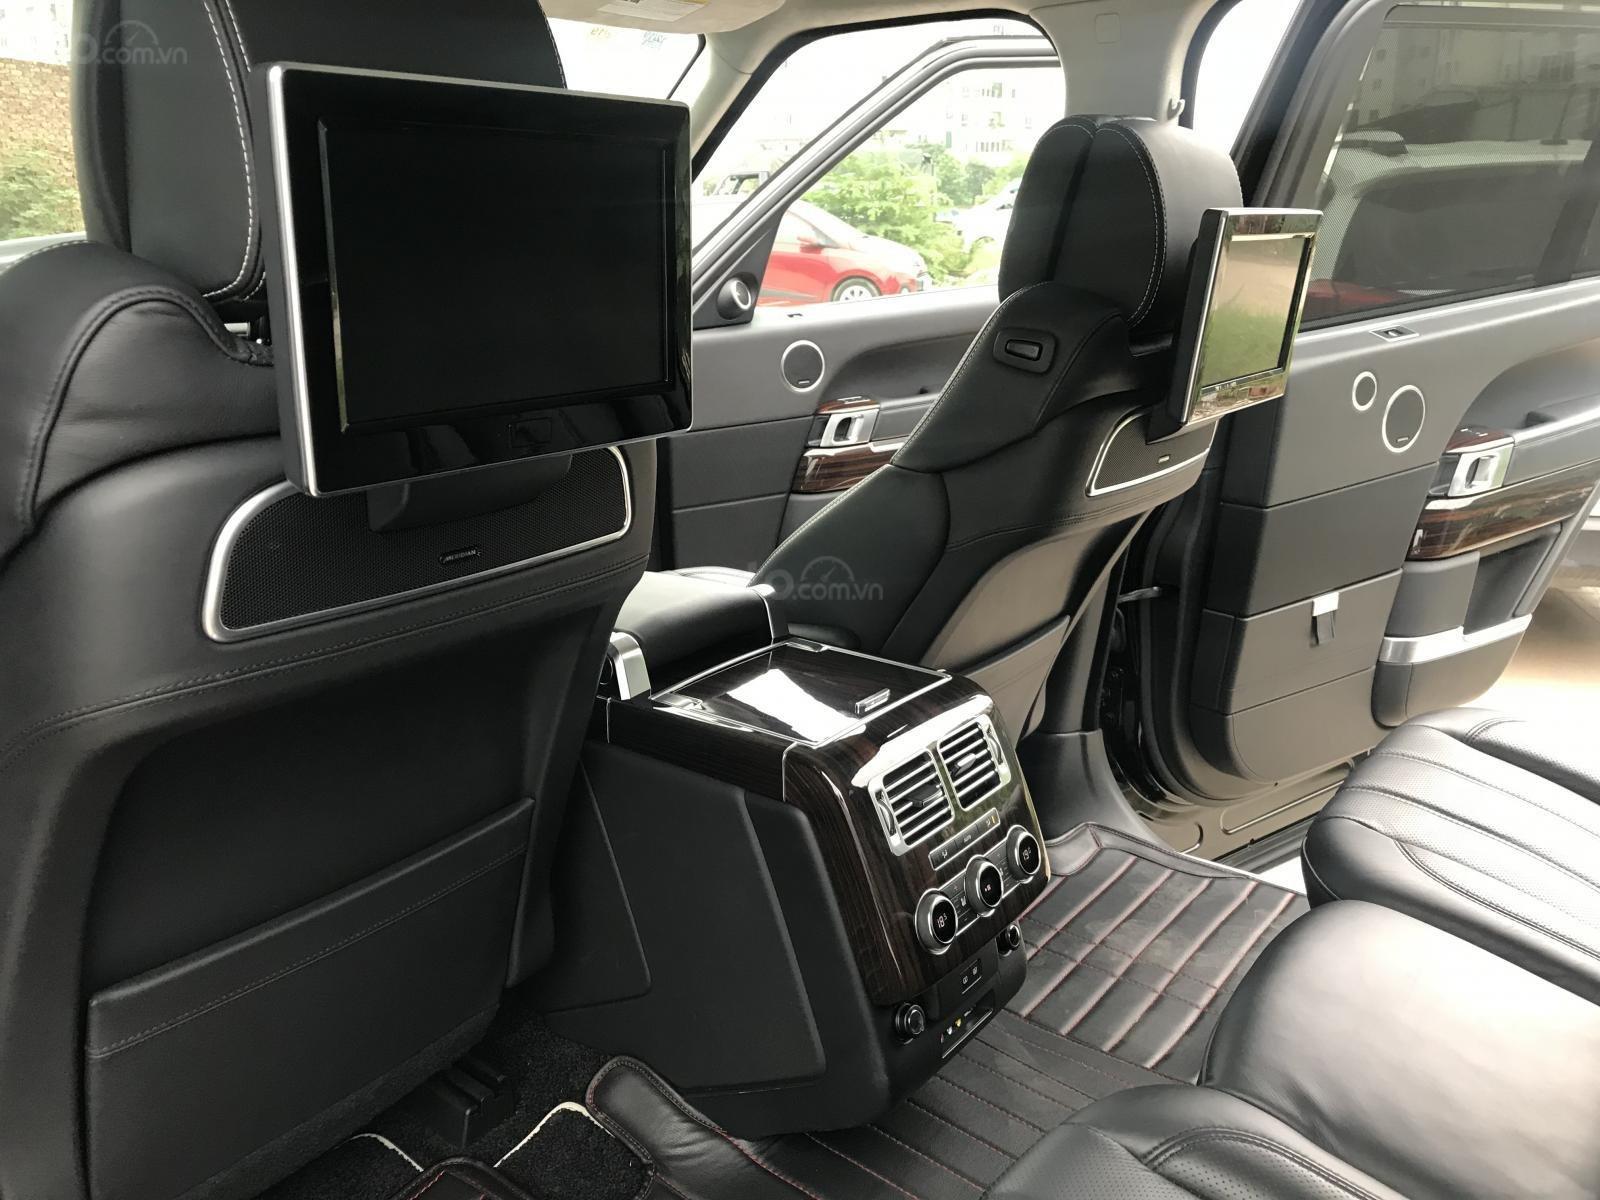 Bán LandRover Range Rover Autobiography LWB sản xuất 2014, màu đen, nhập khẩu nguyên chiếc-5